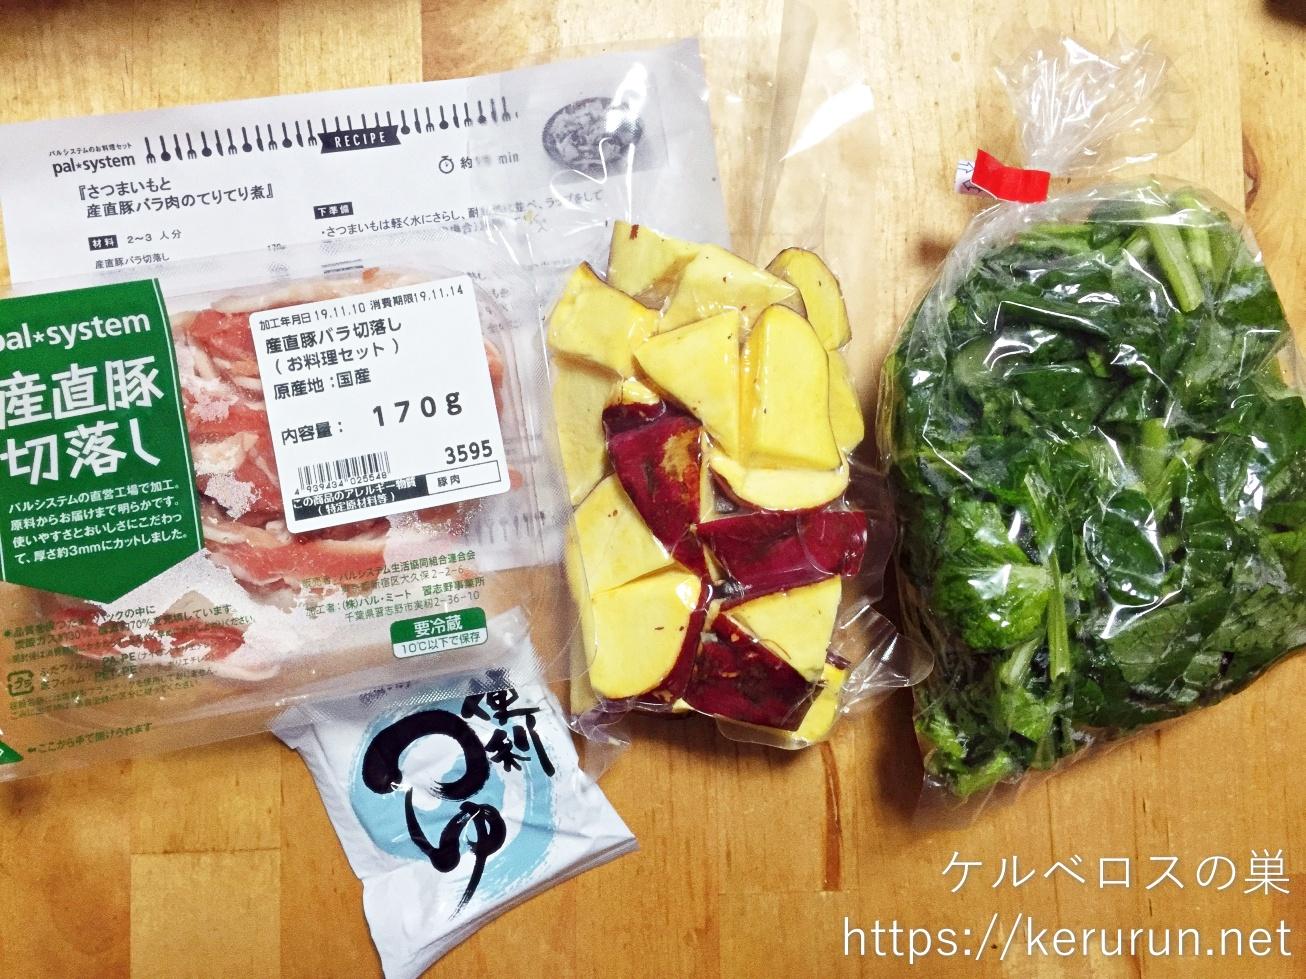 パルシステムのお料理セット「さつまいもと産直豚バラ肉のてりてり煮」で晩ごはん